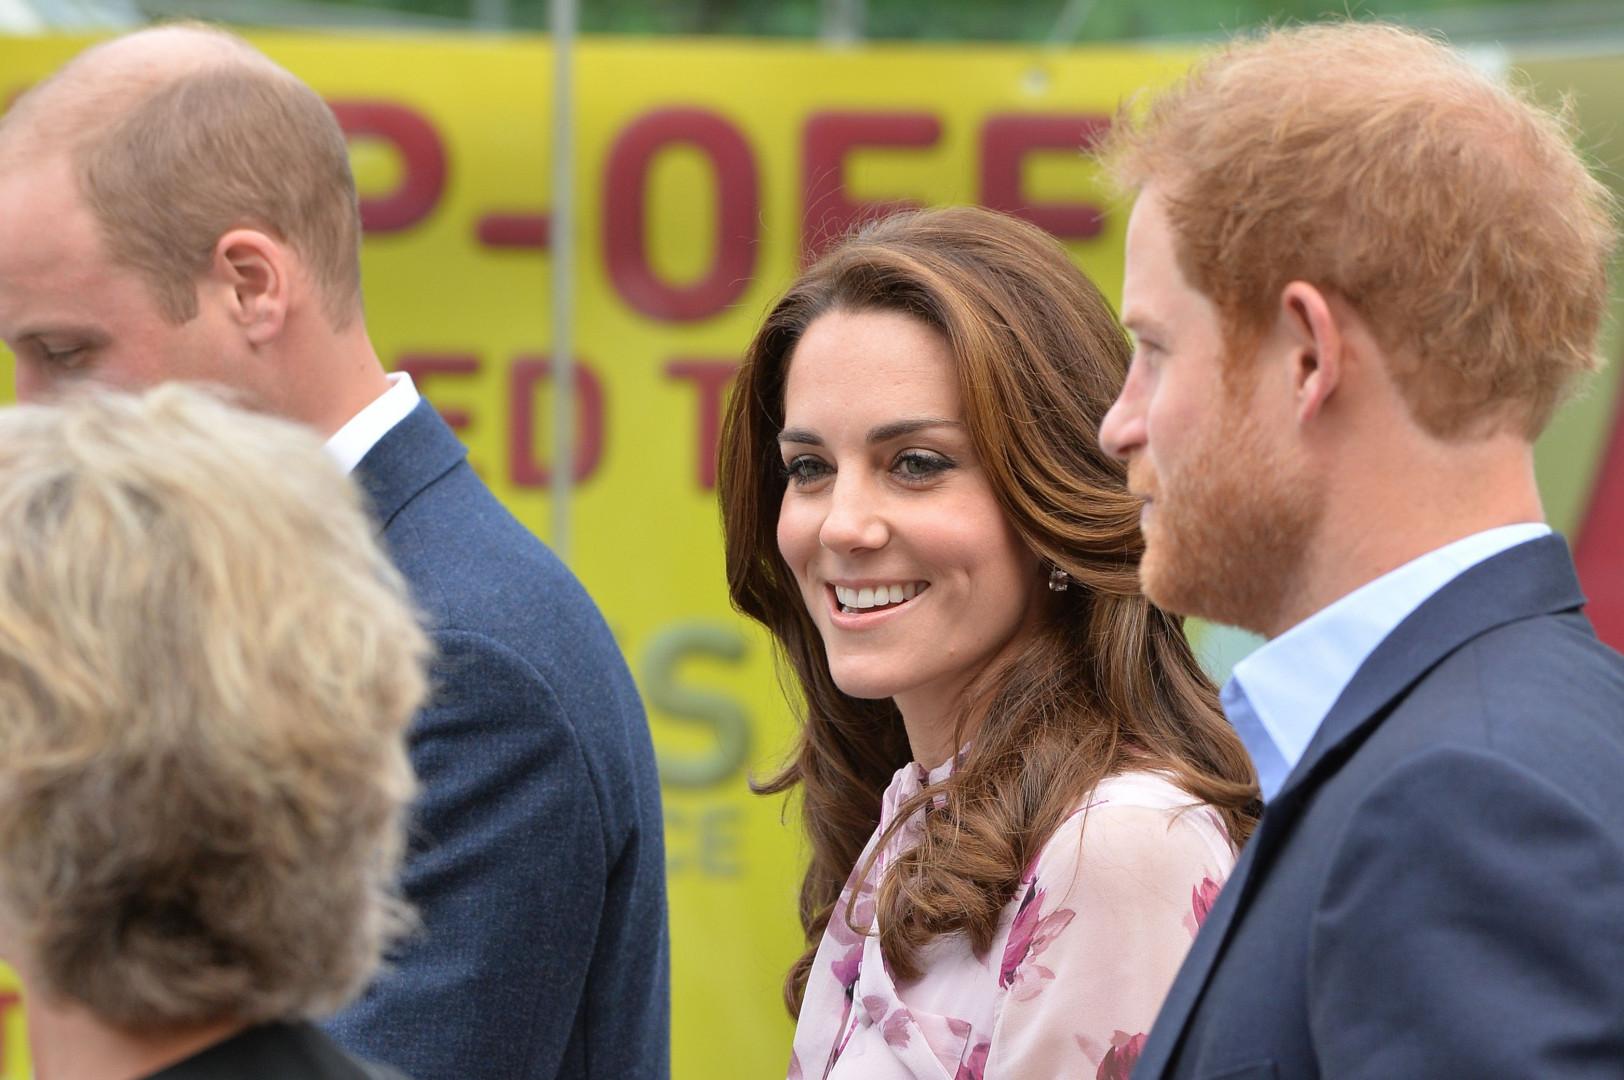 Le prince William, Kate Middleton et prince Harry sont toujours très complices